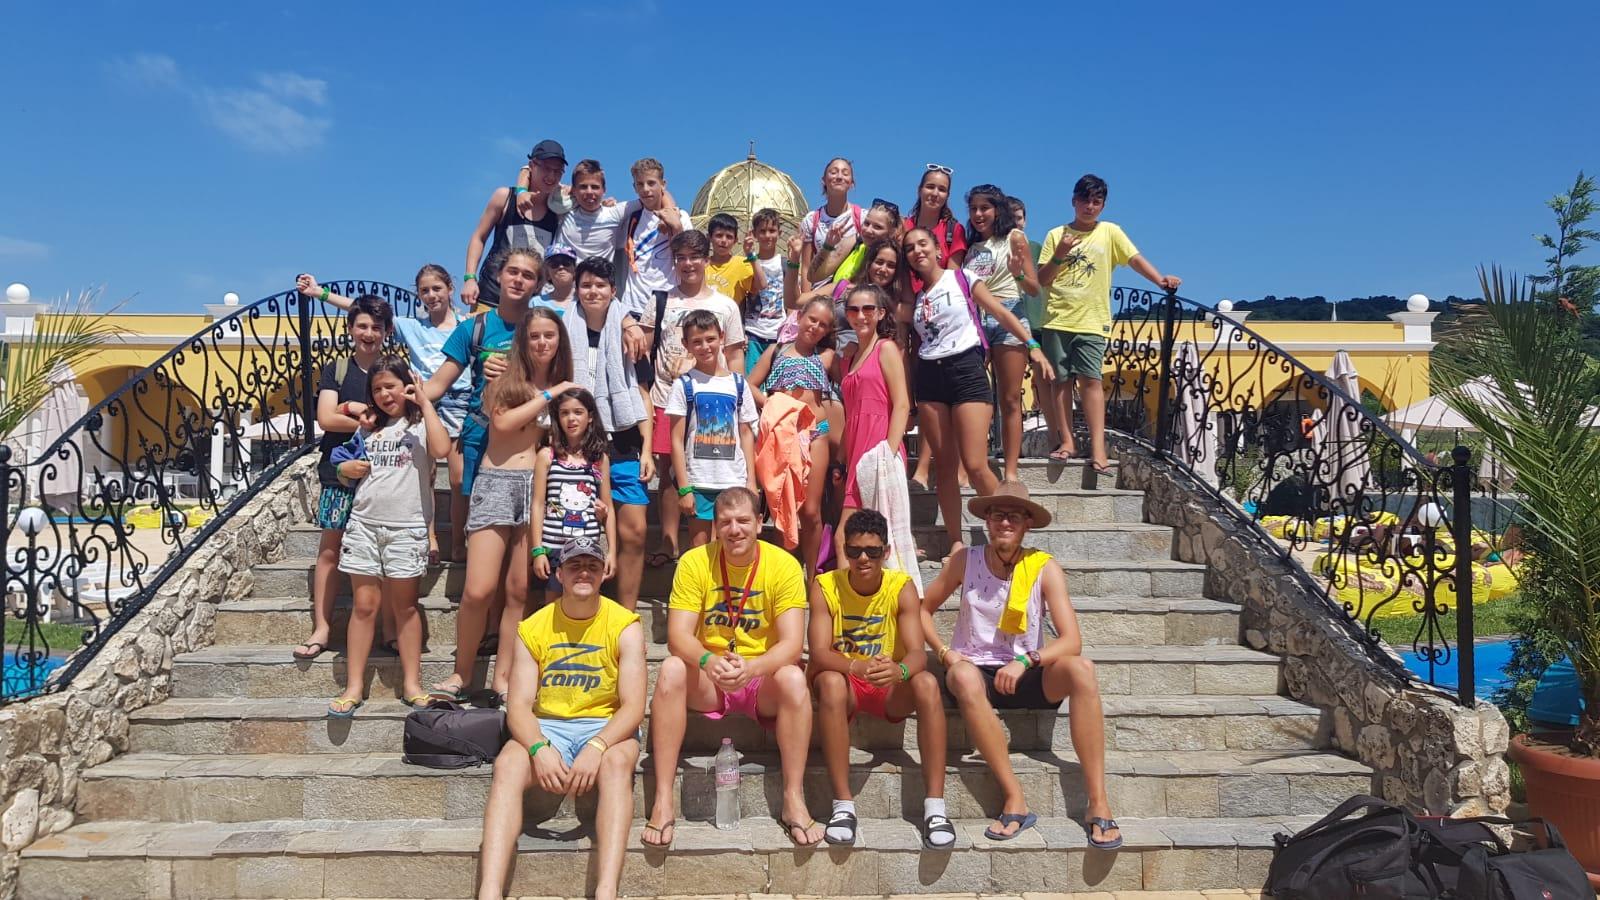 Z кемп, ден 11 - аквапарк, обща снимка на цялата група